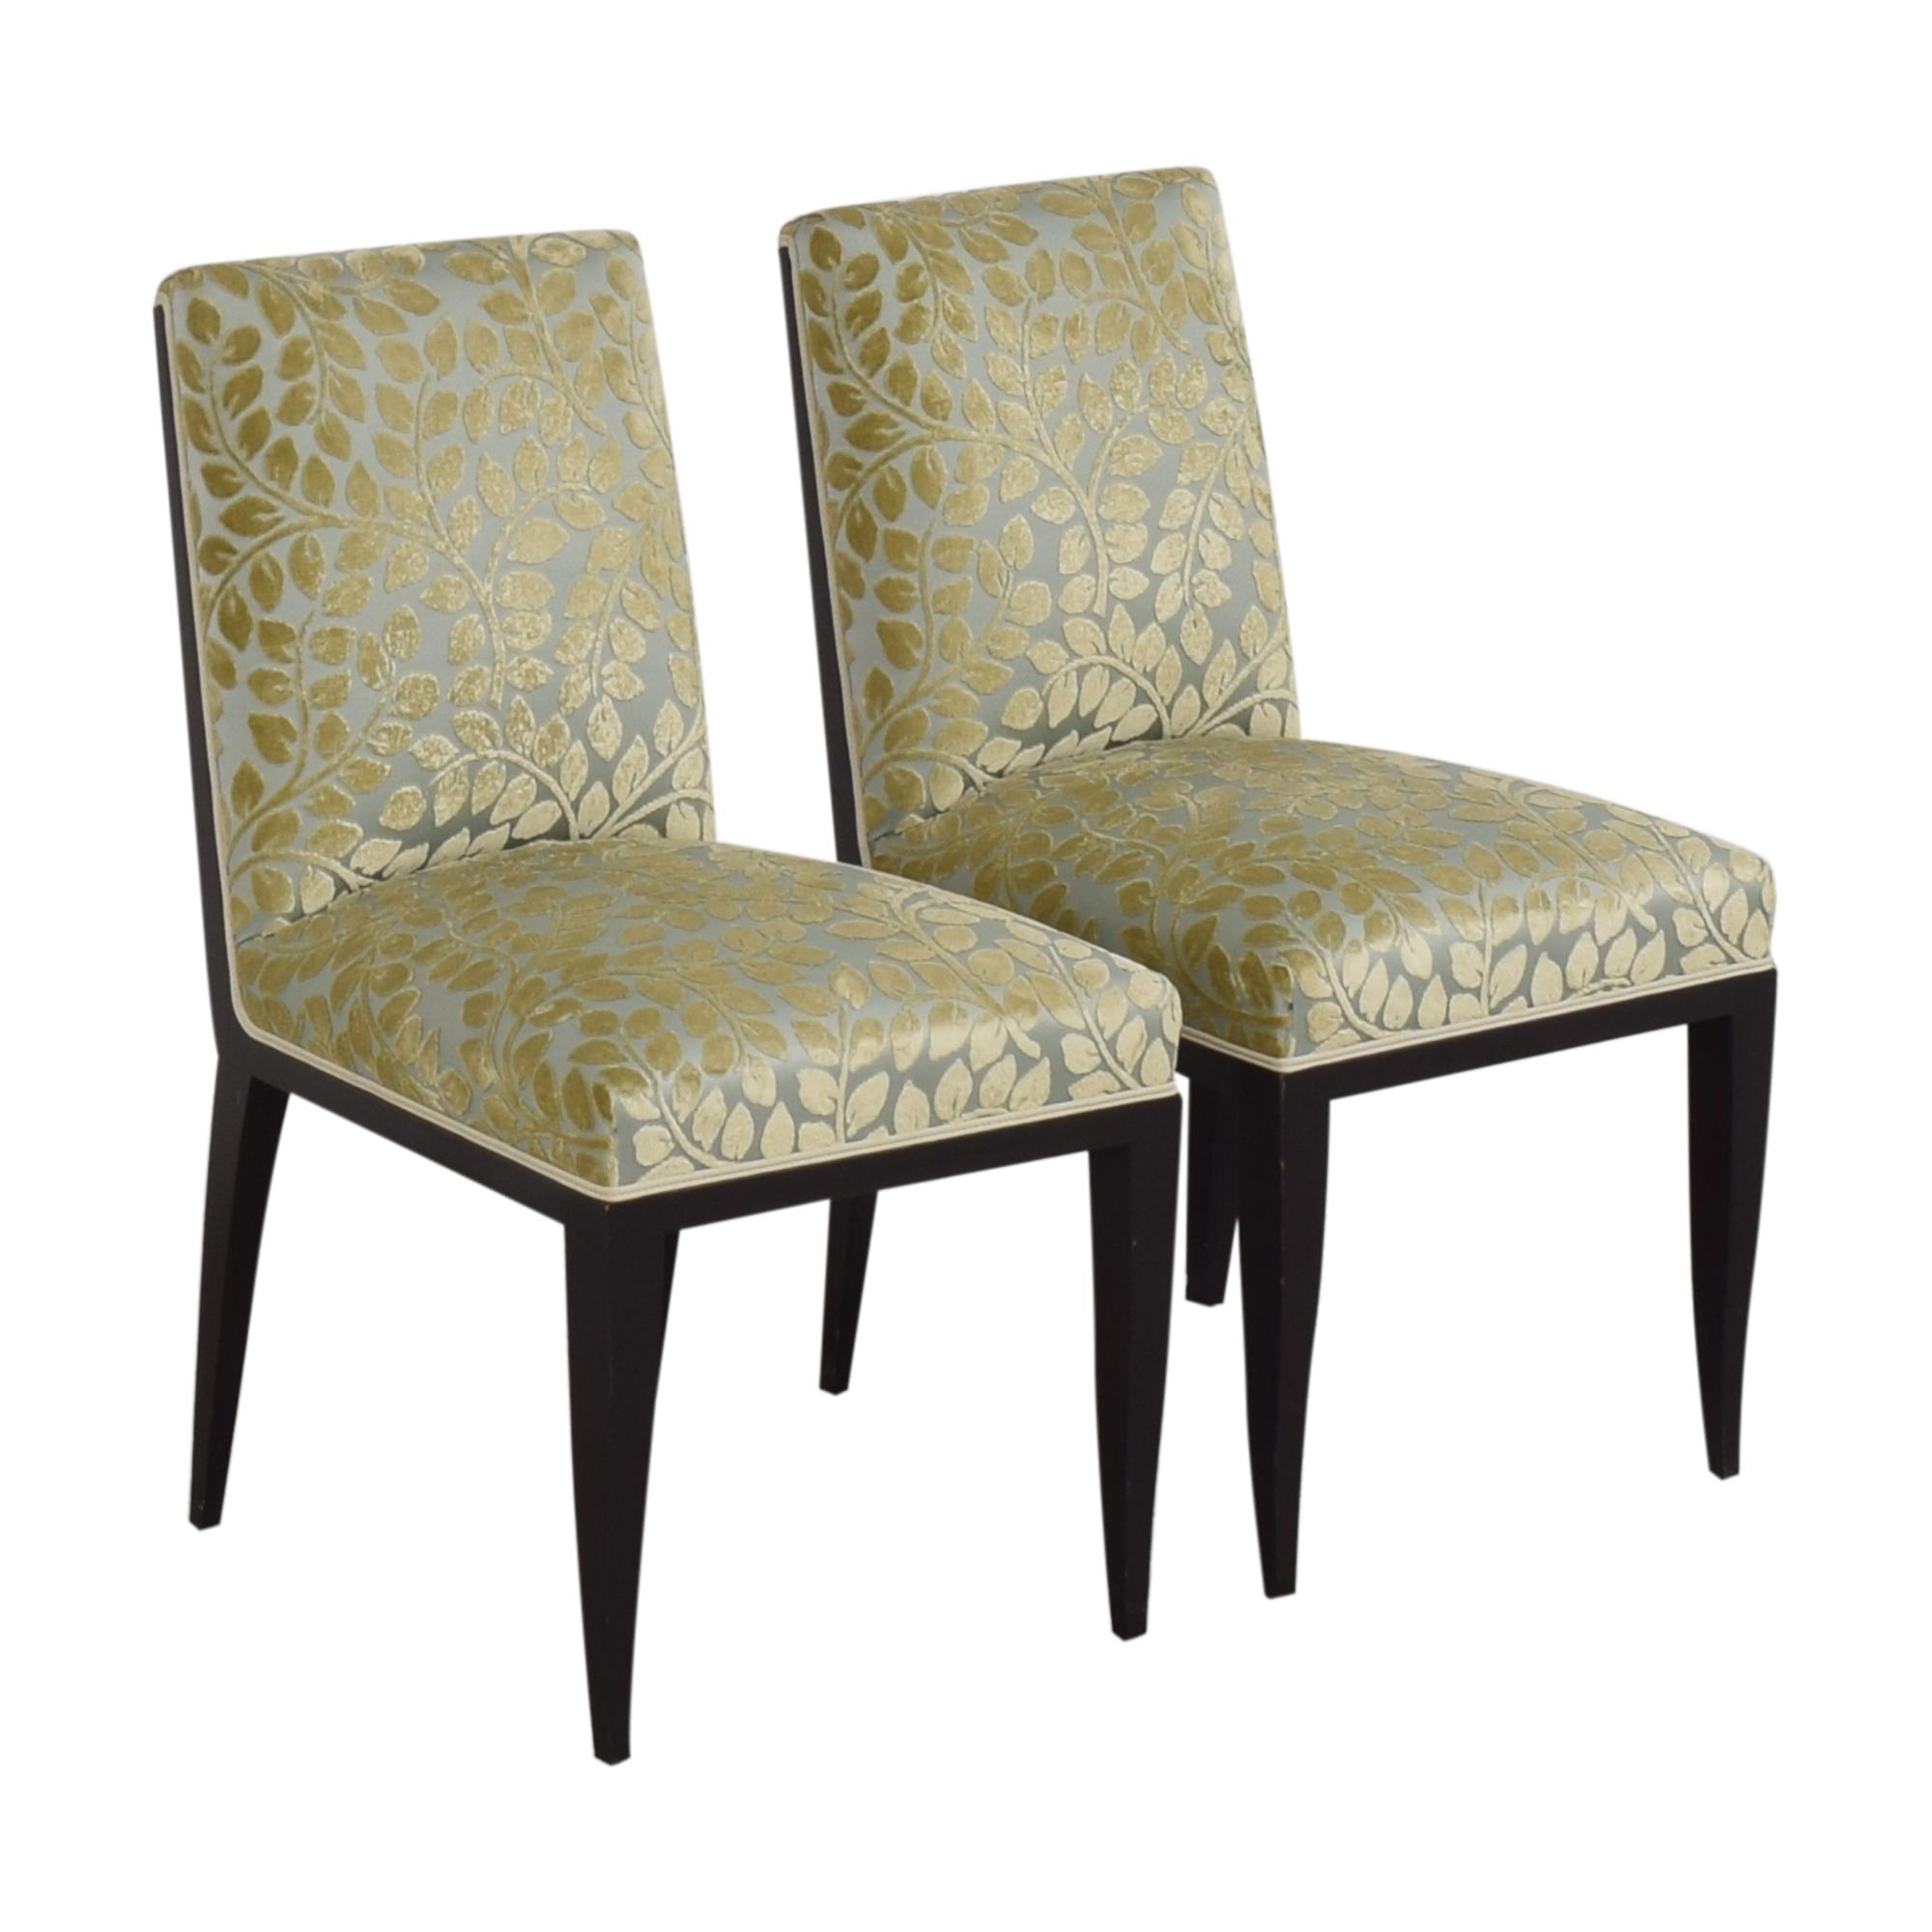 Mattaliano Mattaliano Flea Market #1 Dining Side Chairs price